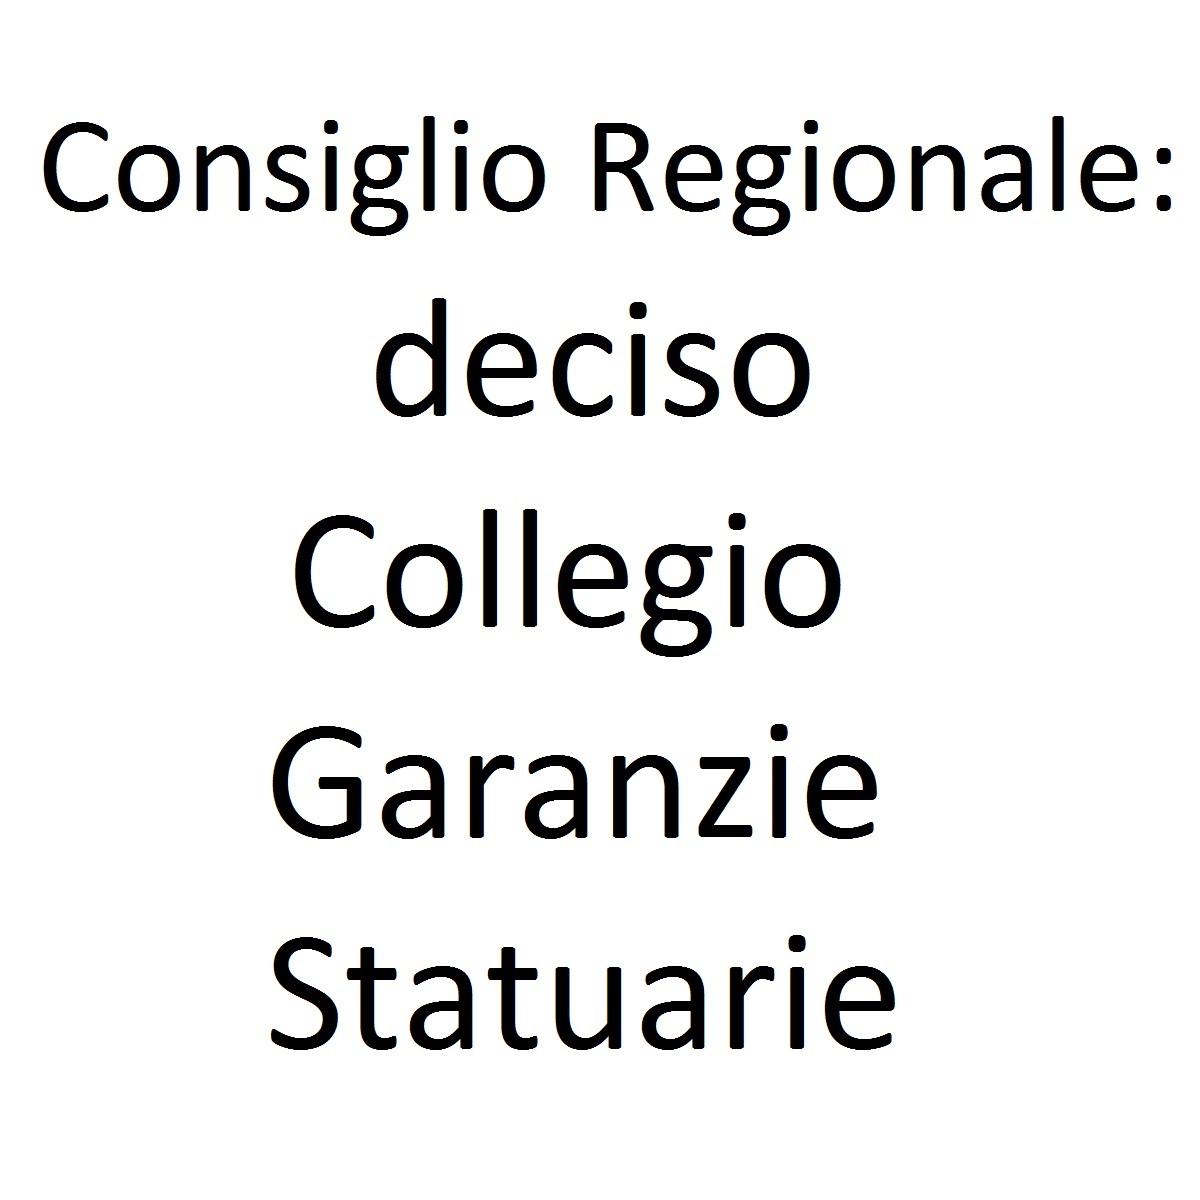 Consiglio Regionale deciso Collegio Garanzie Statuarie foto